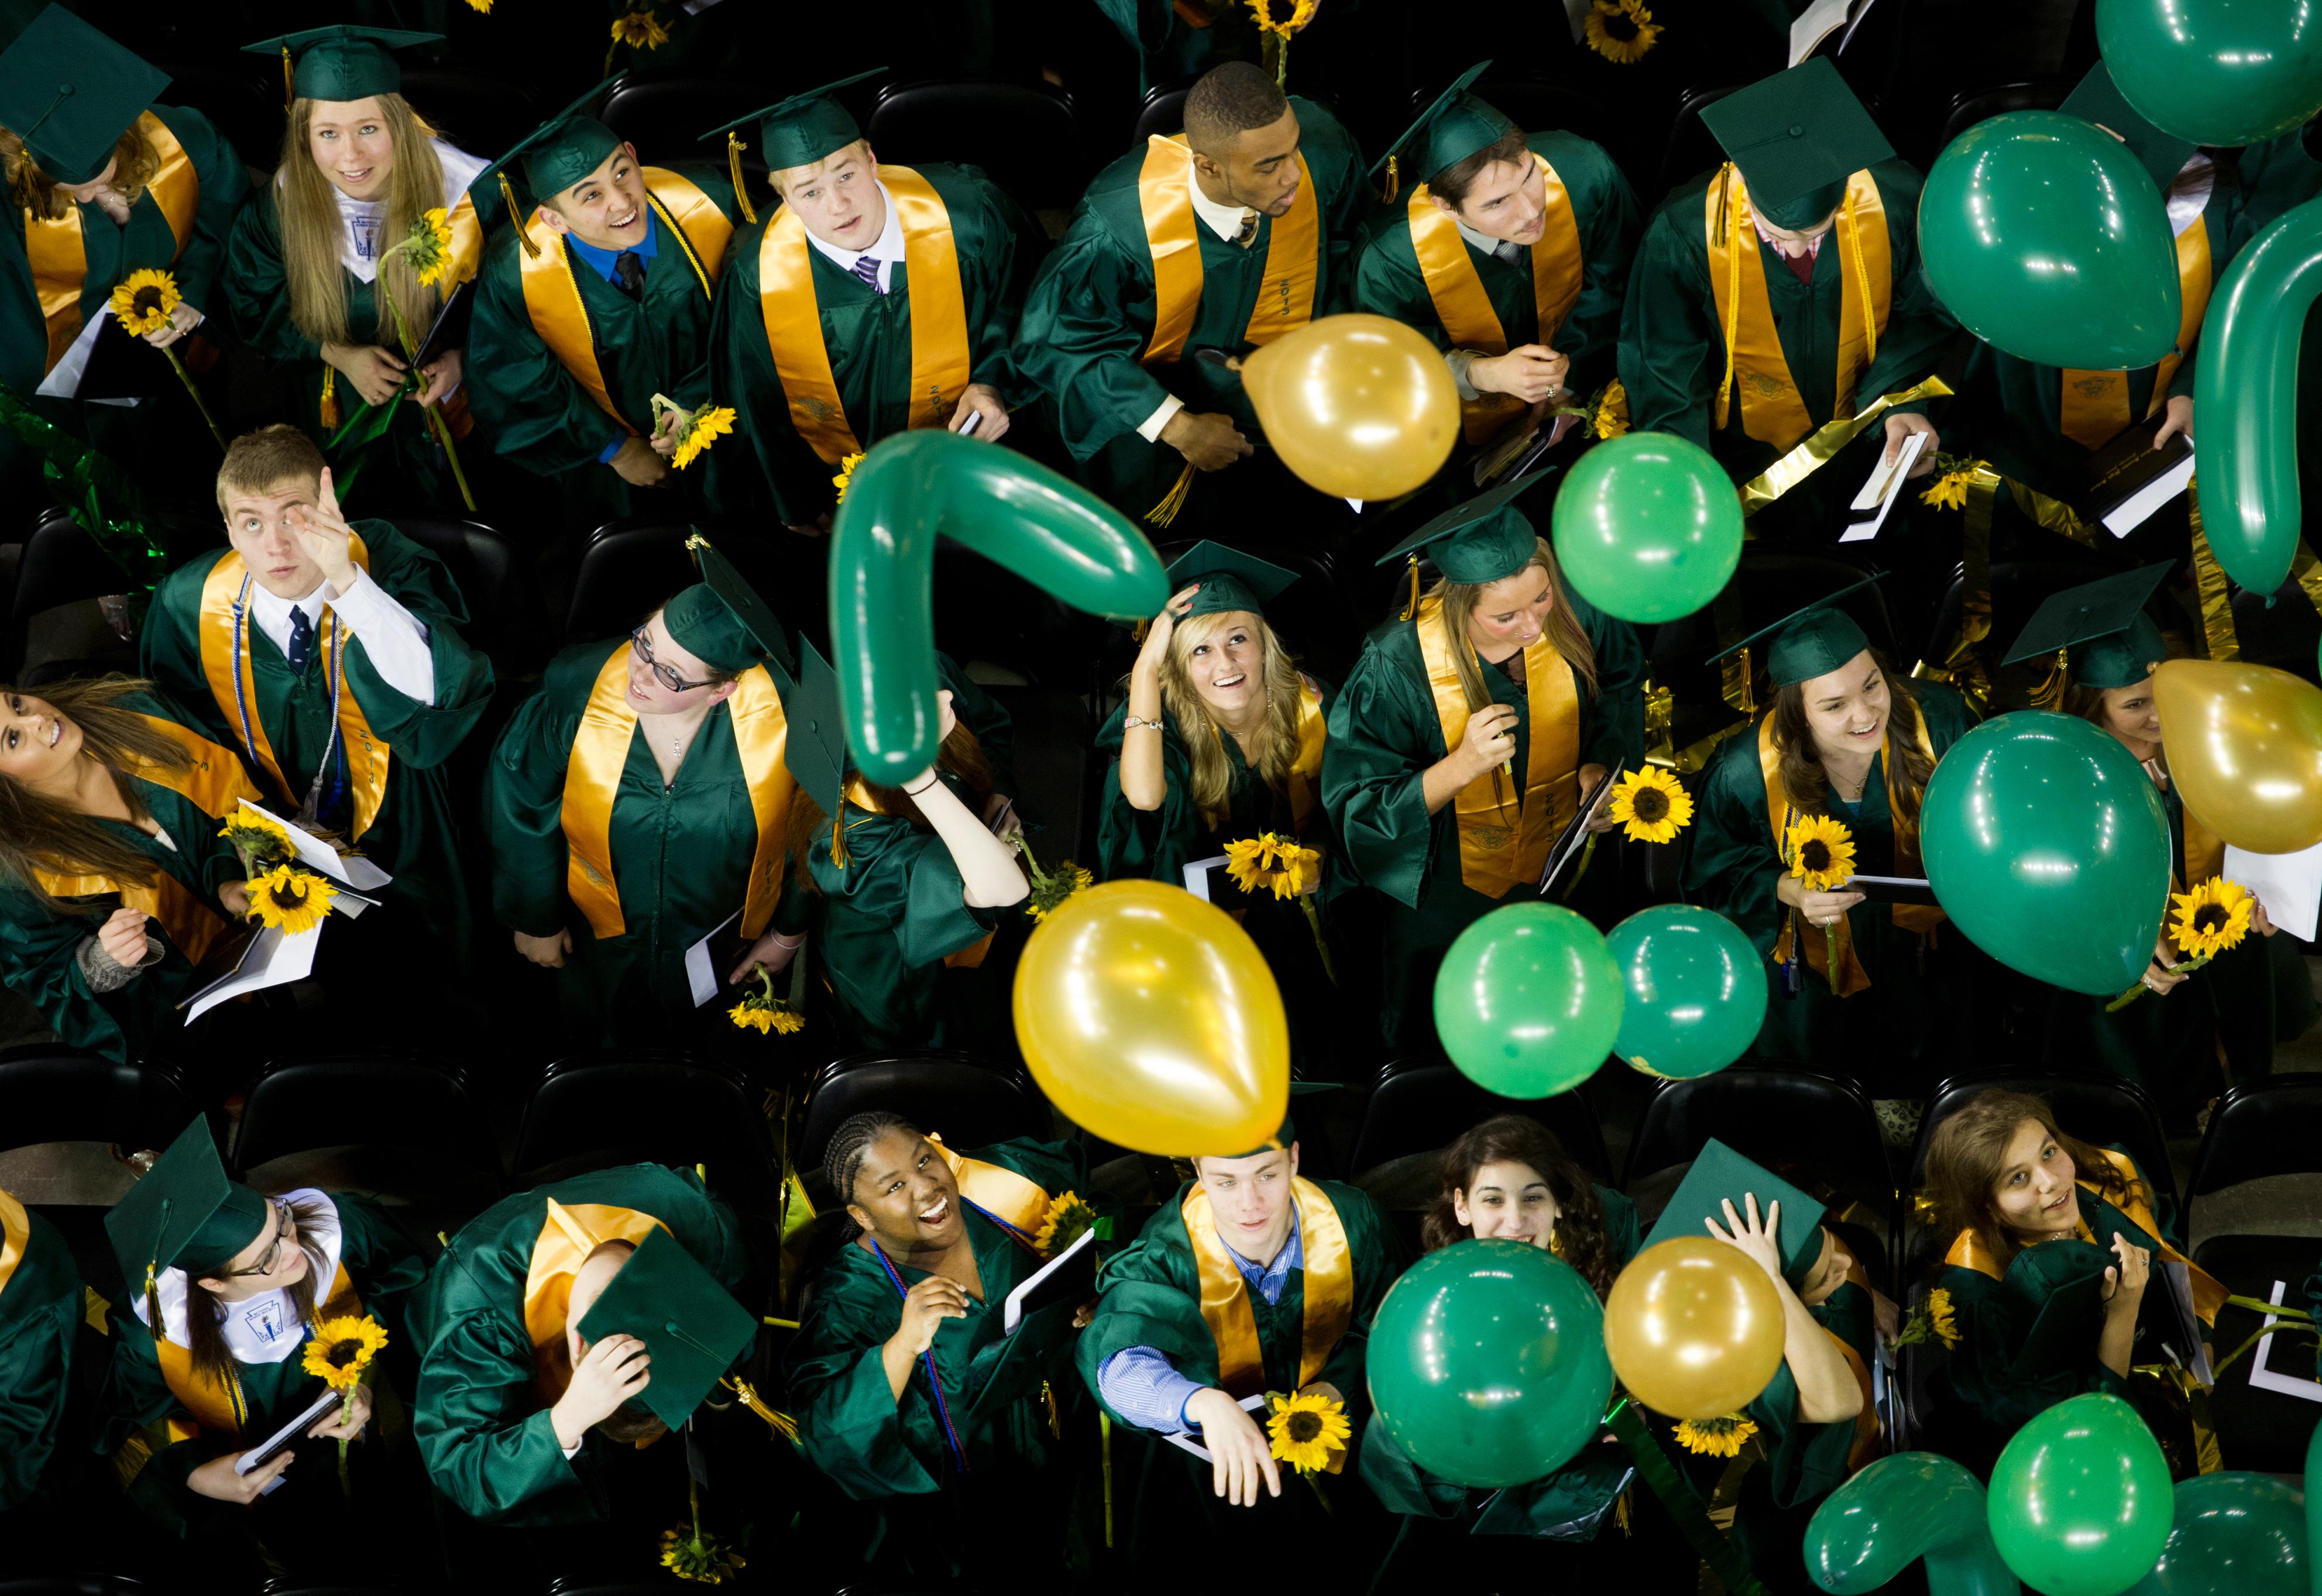 Abschlussfeier an der Universität in Anchorage, Alaska |